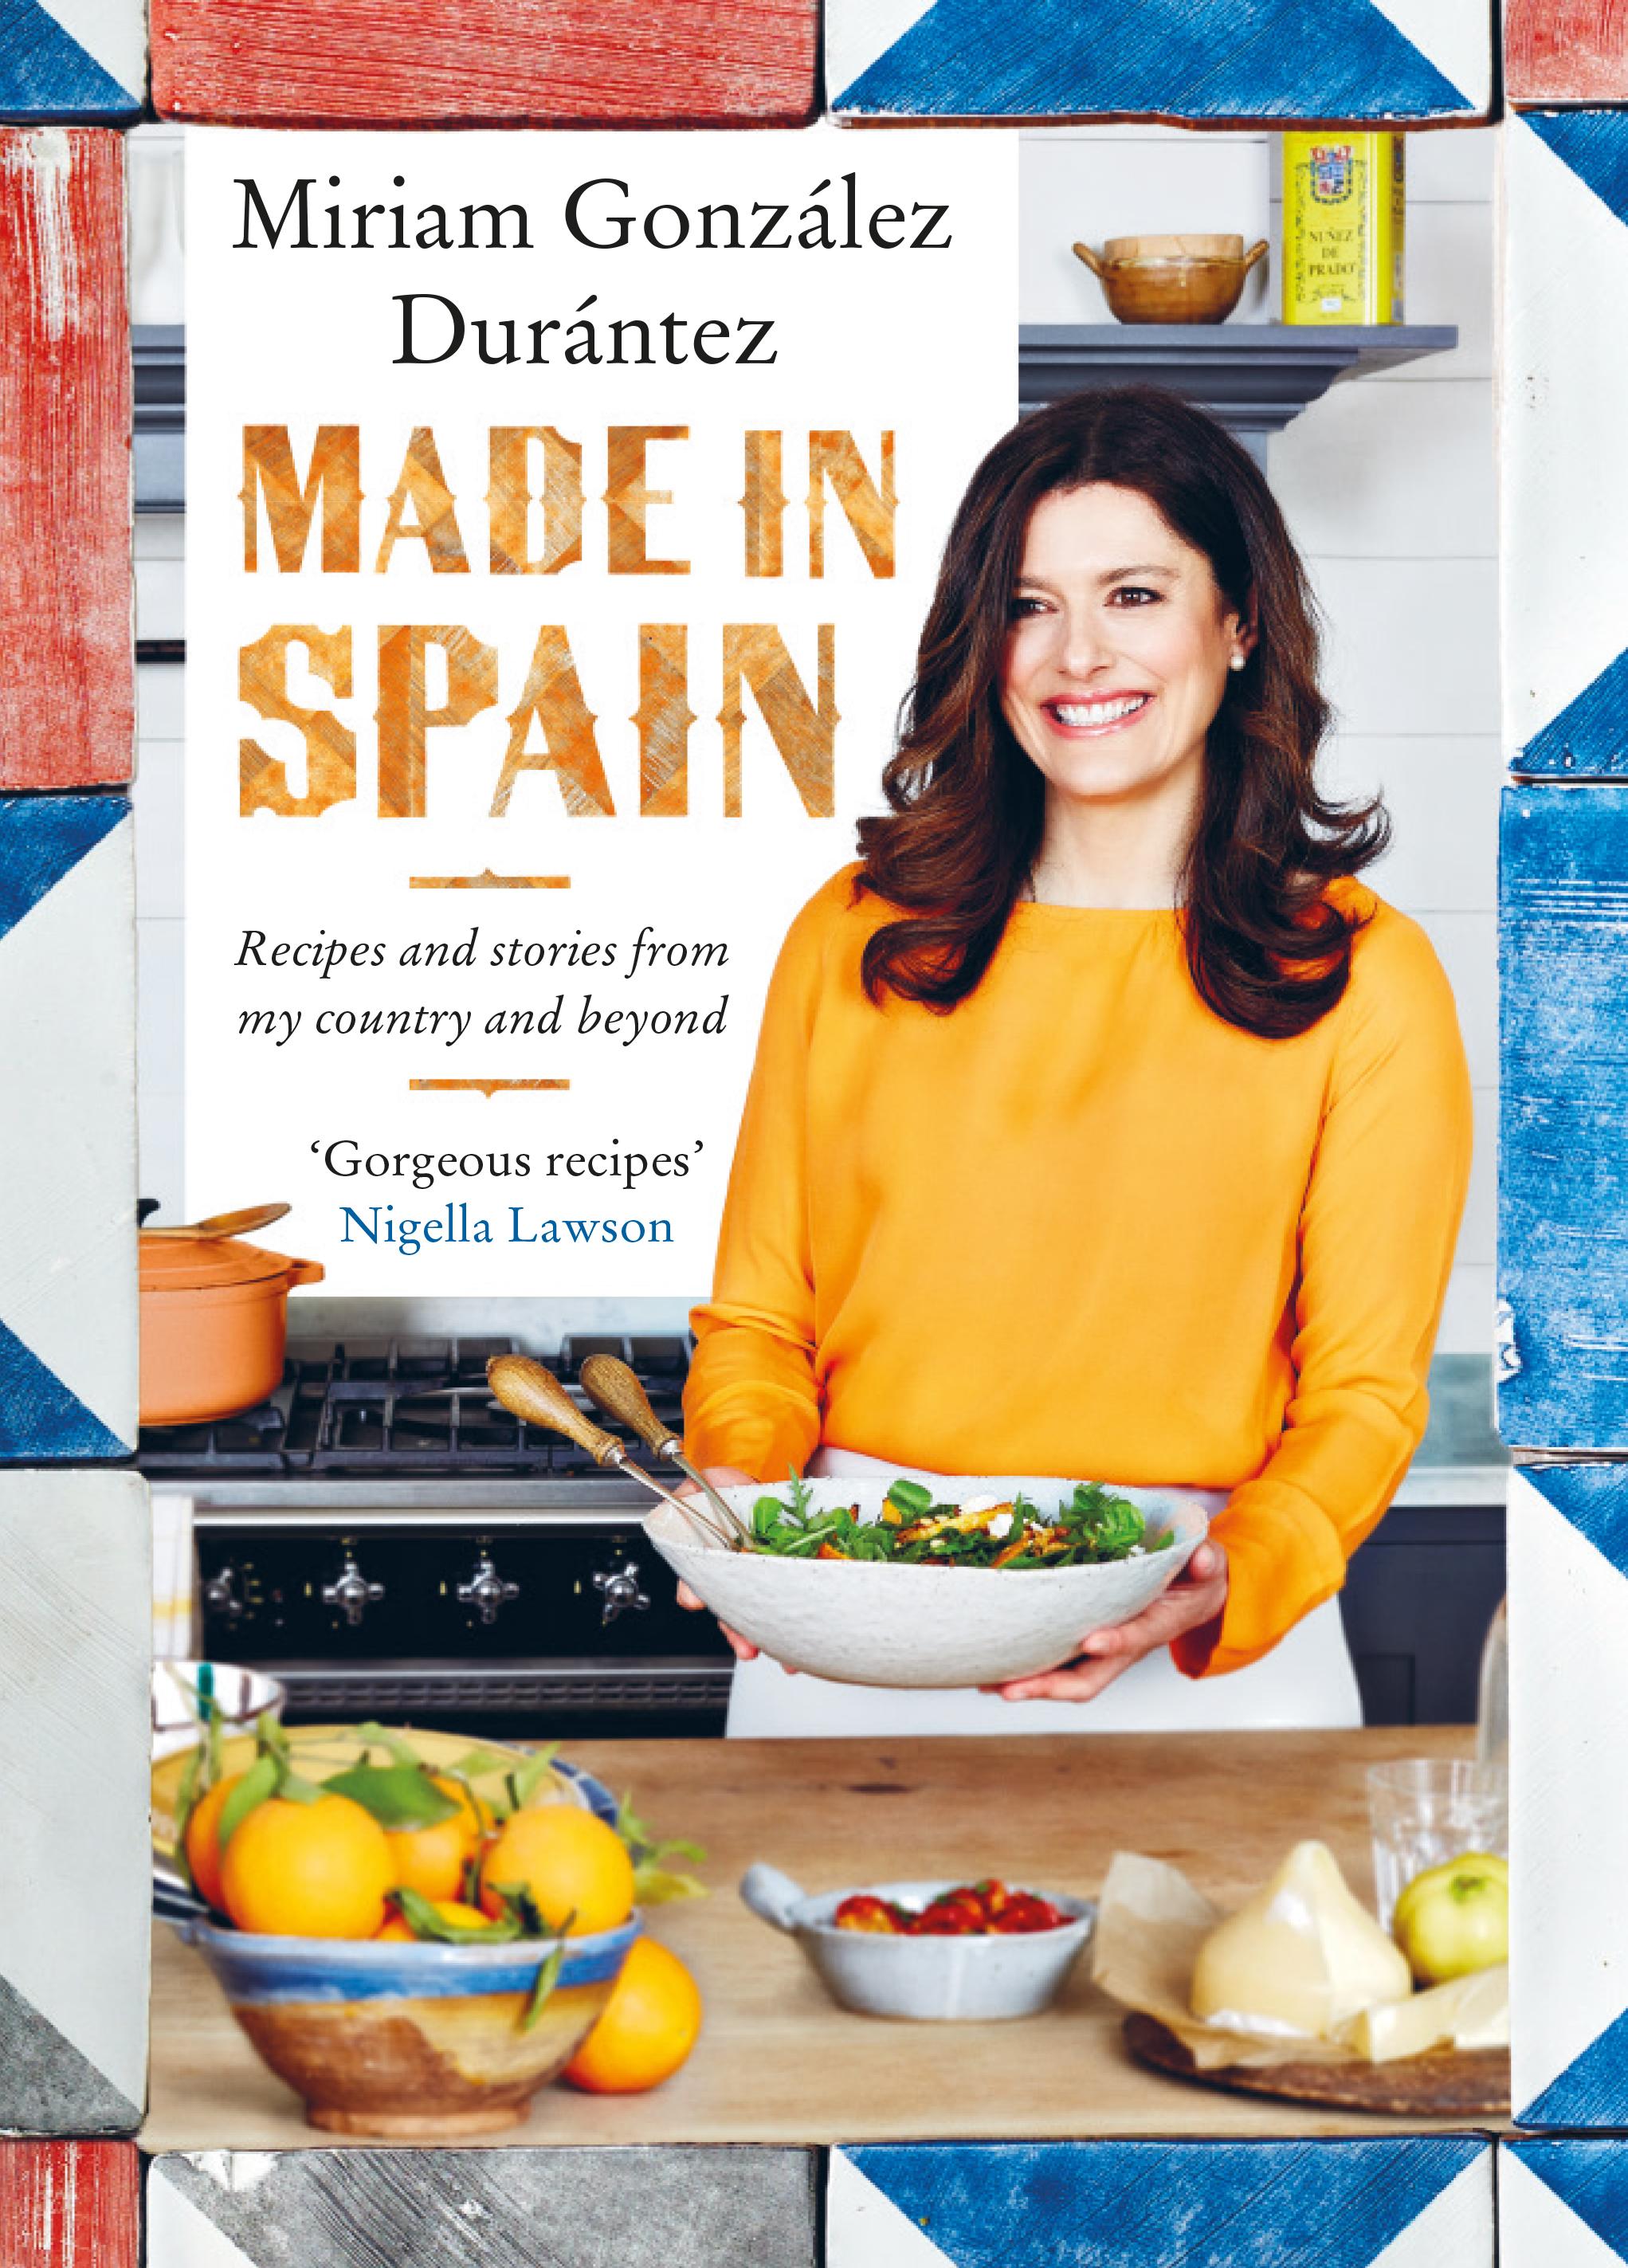 Made in Spain.jpg